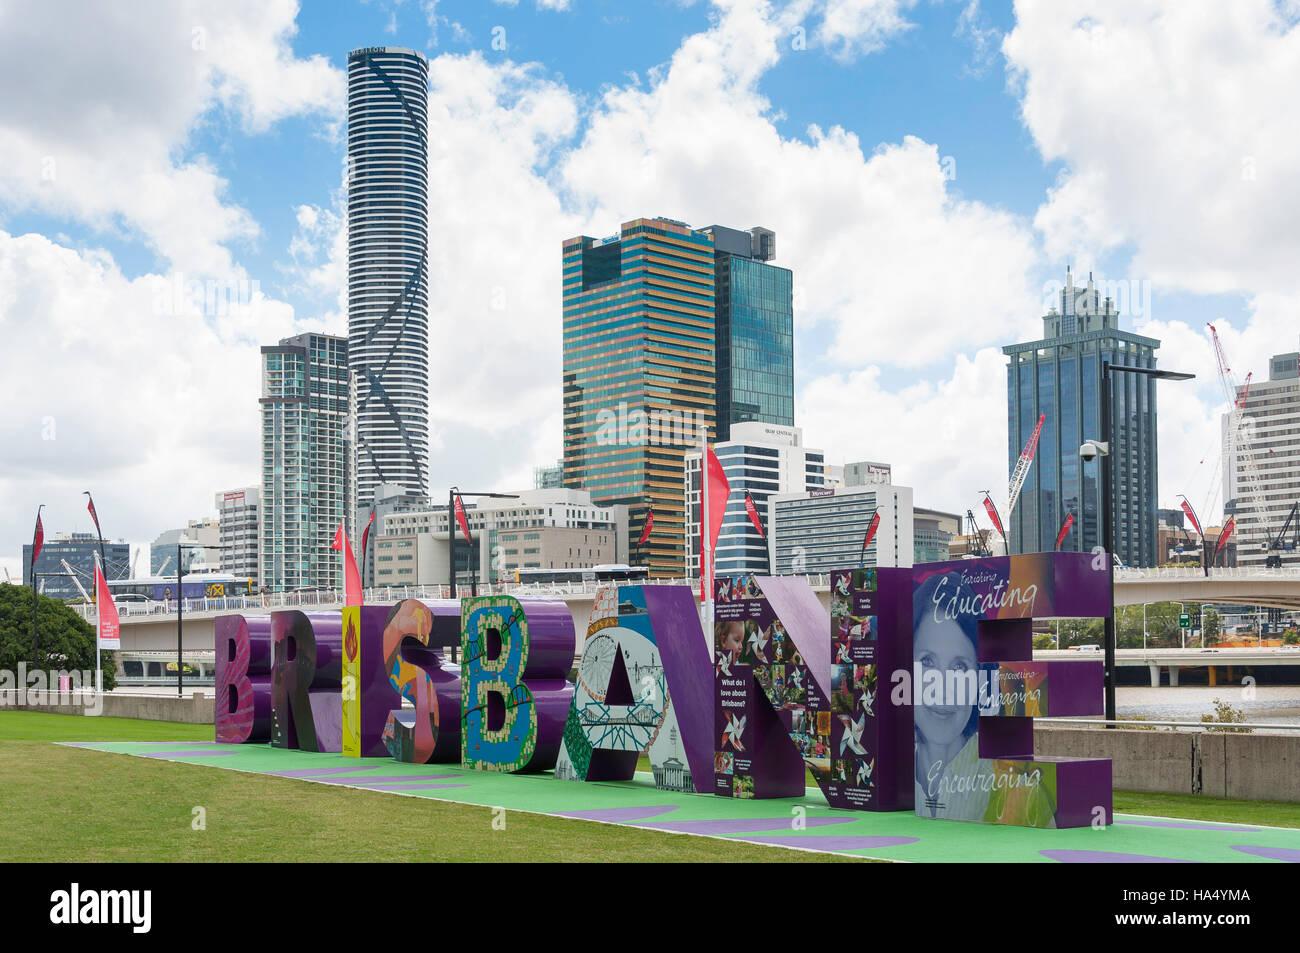 Brisbane G20 sign with CBD behind, South Bank Parklands, South Bank, Brisbane, Queensland, Australia - Stock Image